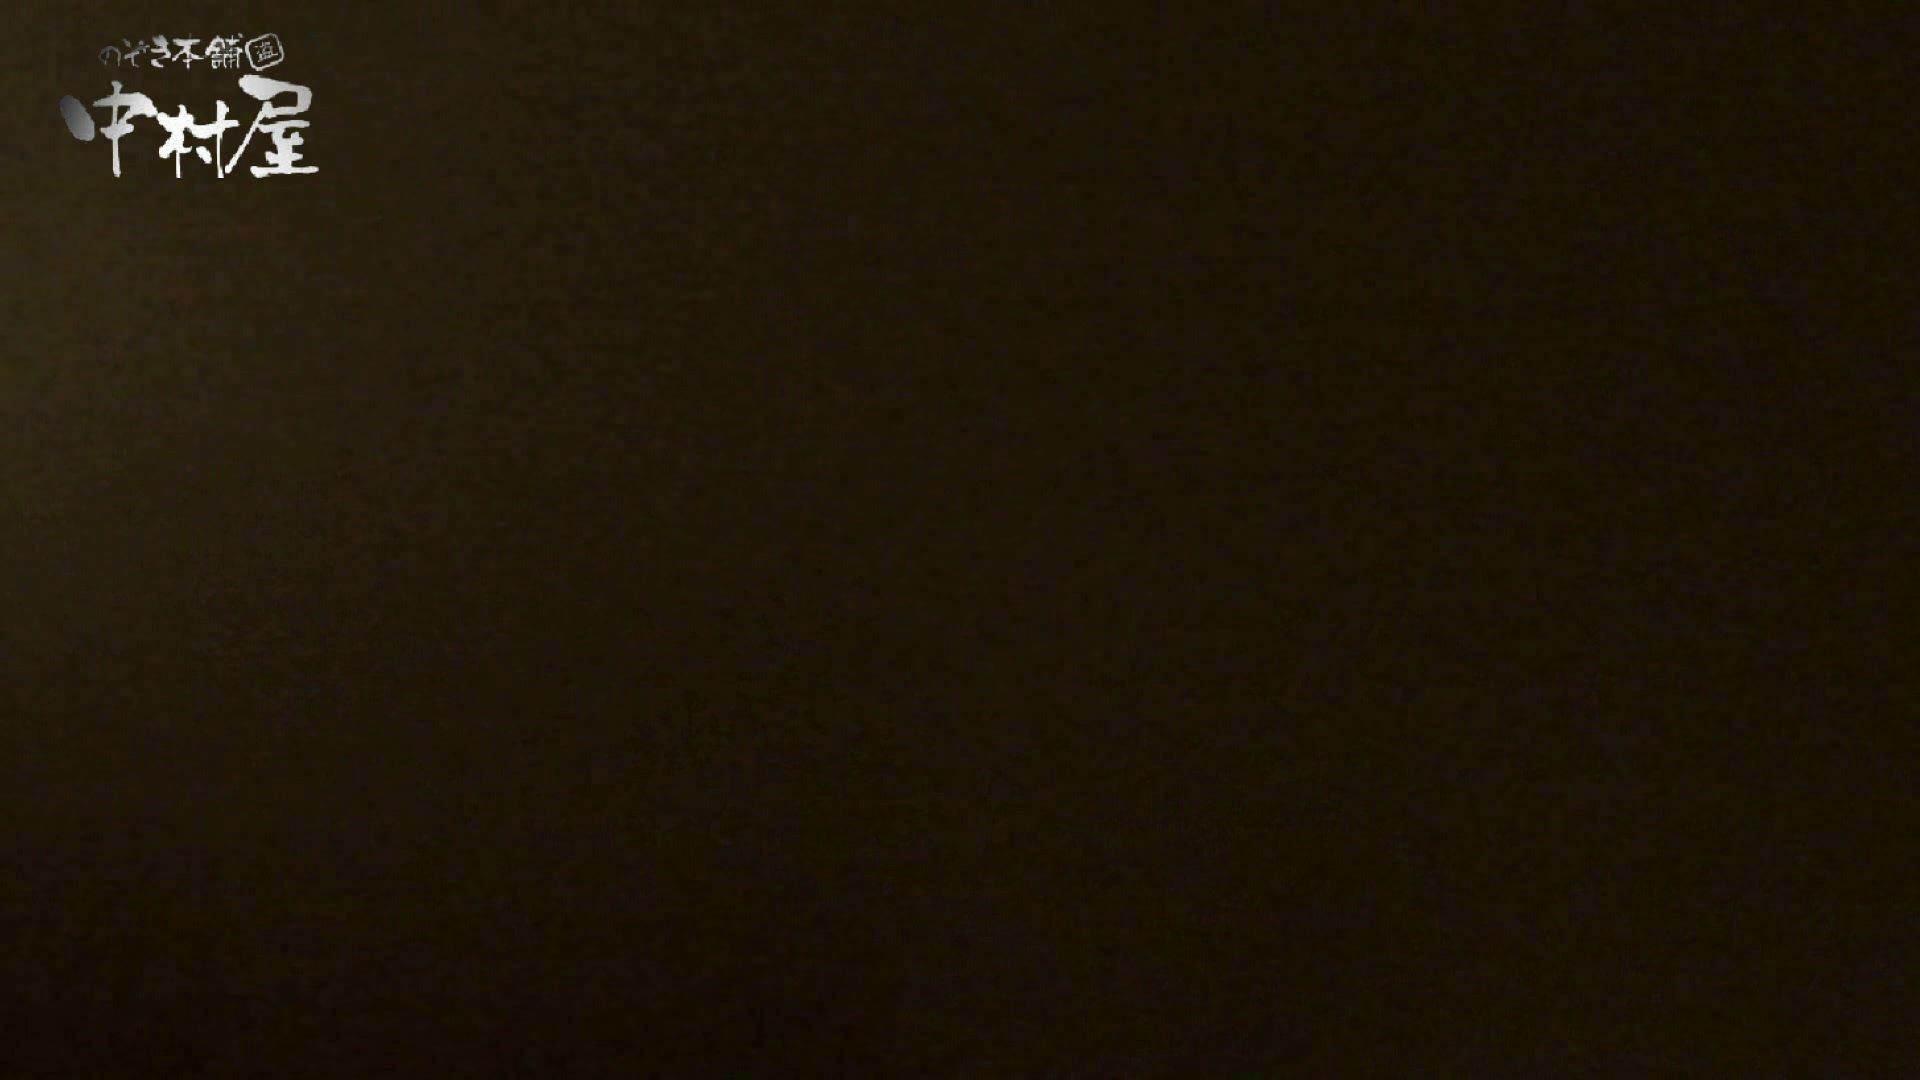 【世界の射窓から】世界の射窓から vol.12 OLエロ画像  83PICs 82